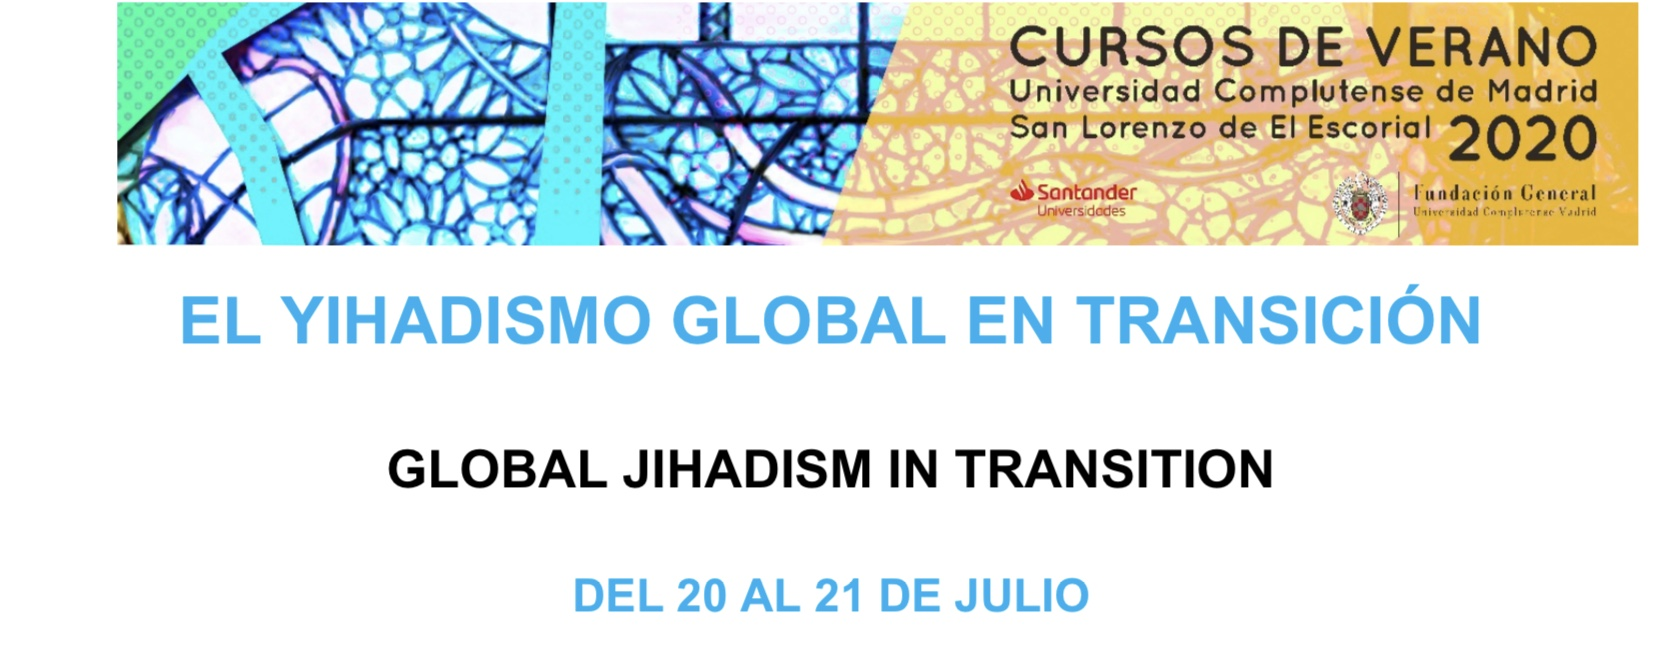 Curso De Verano En El Escorial: El Yihadismo Global En Transición. 20 Y 21 De Julio